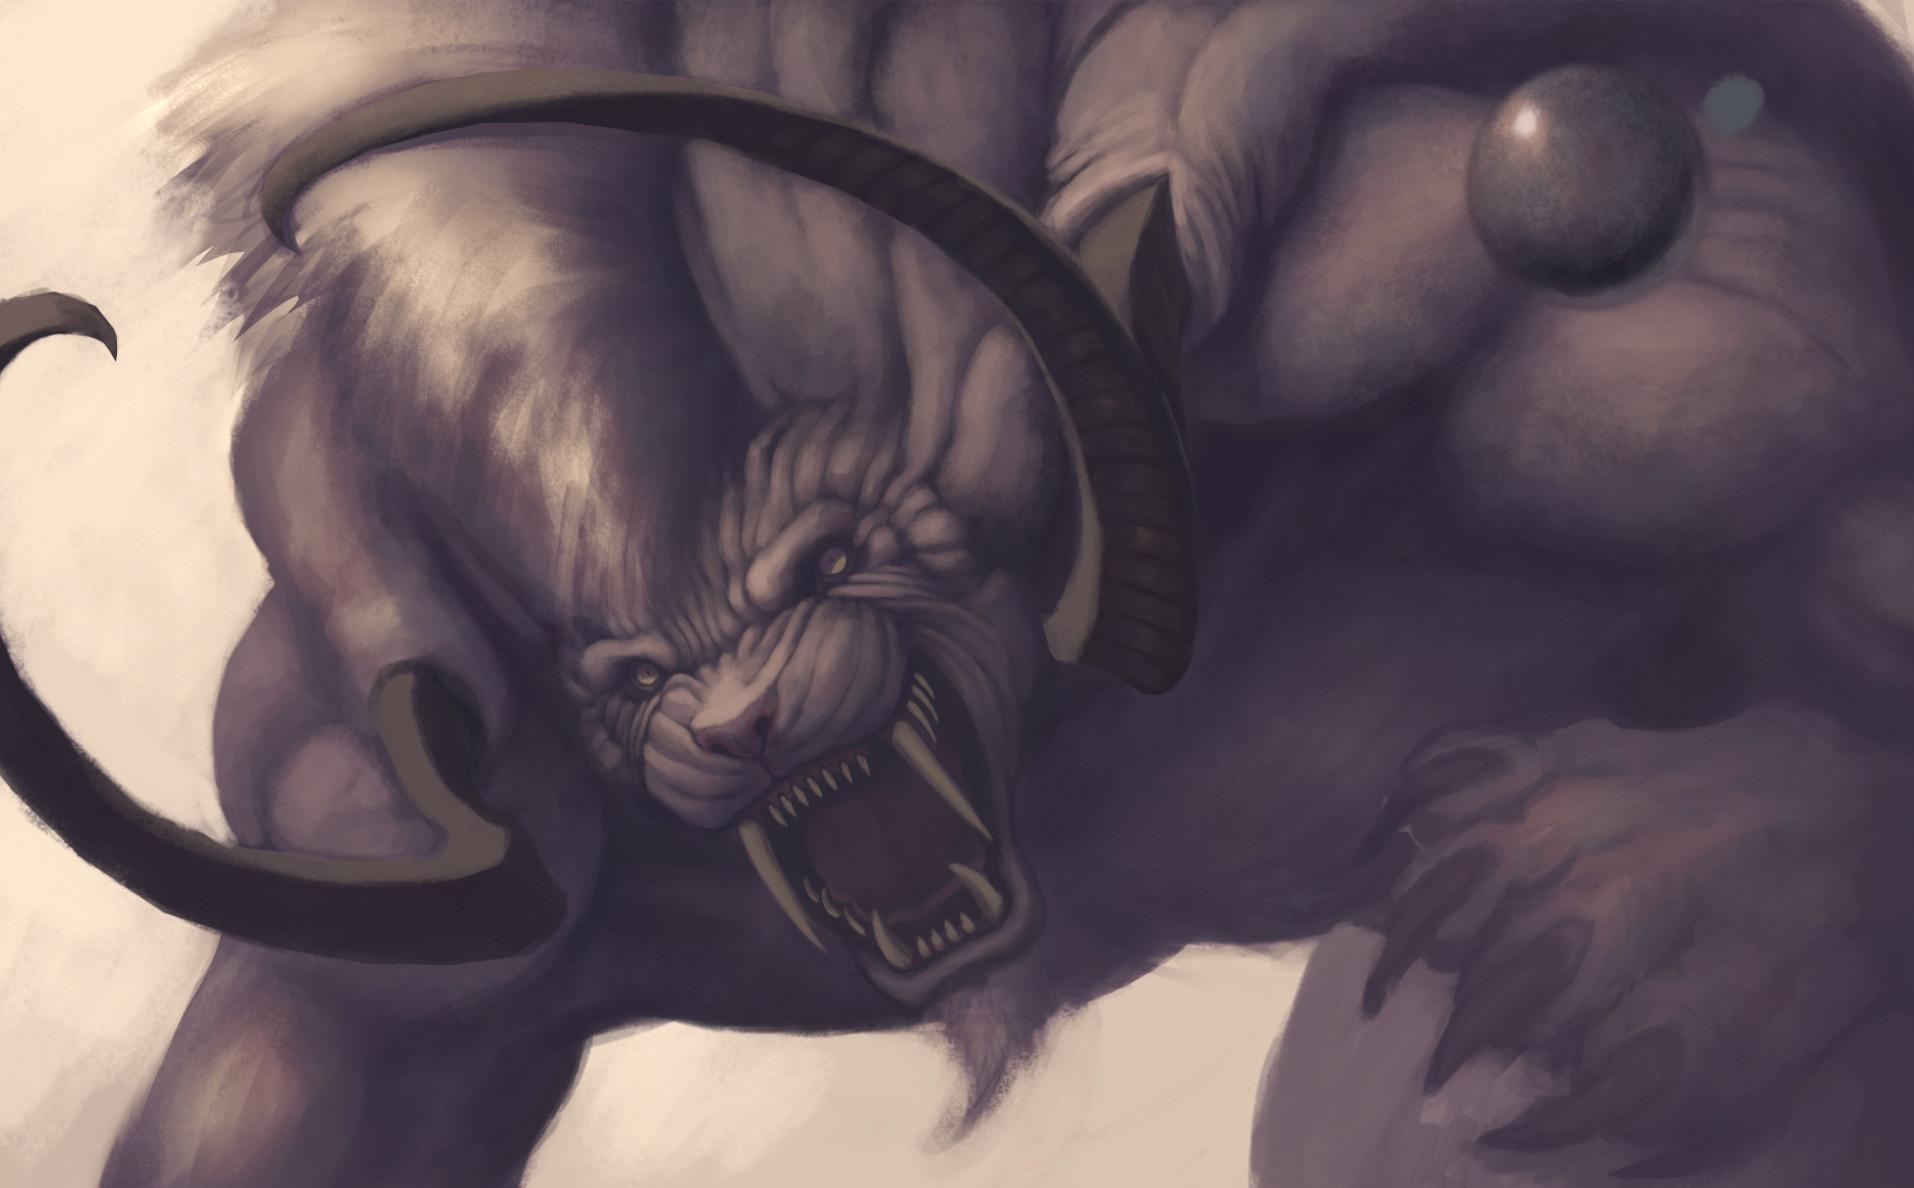 laura-anderson-wip-behemoth2.jpg